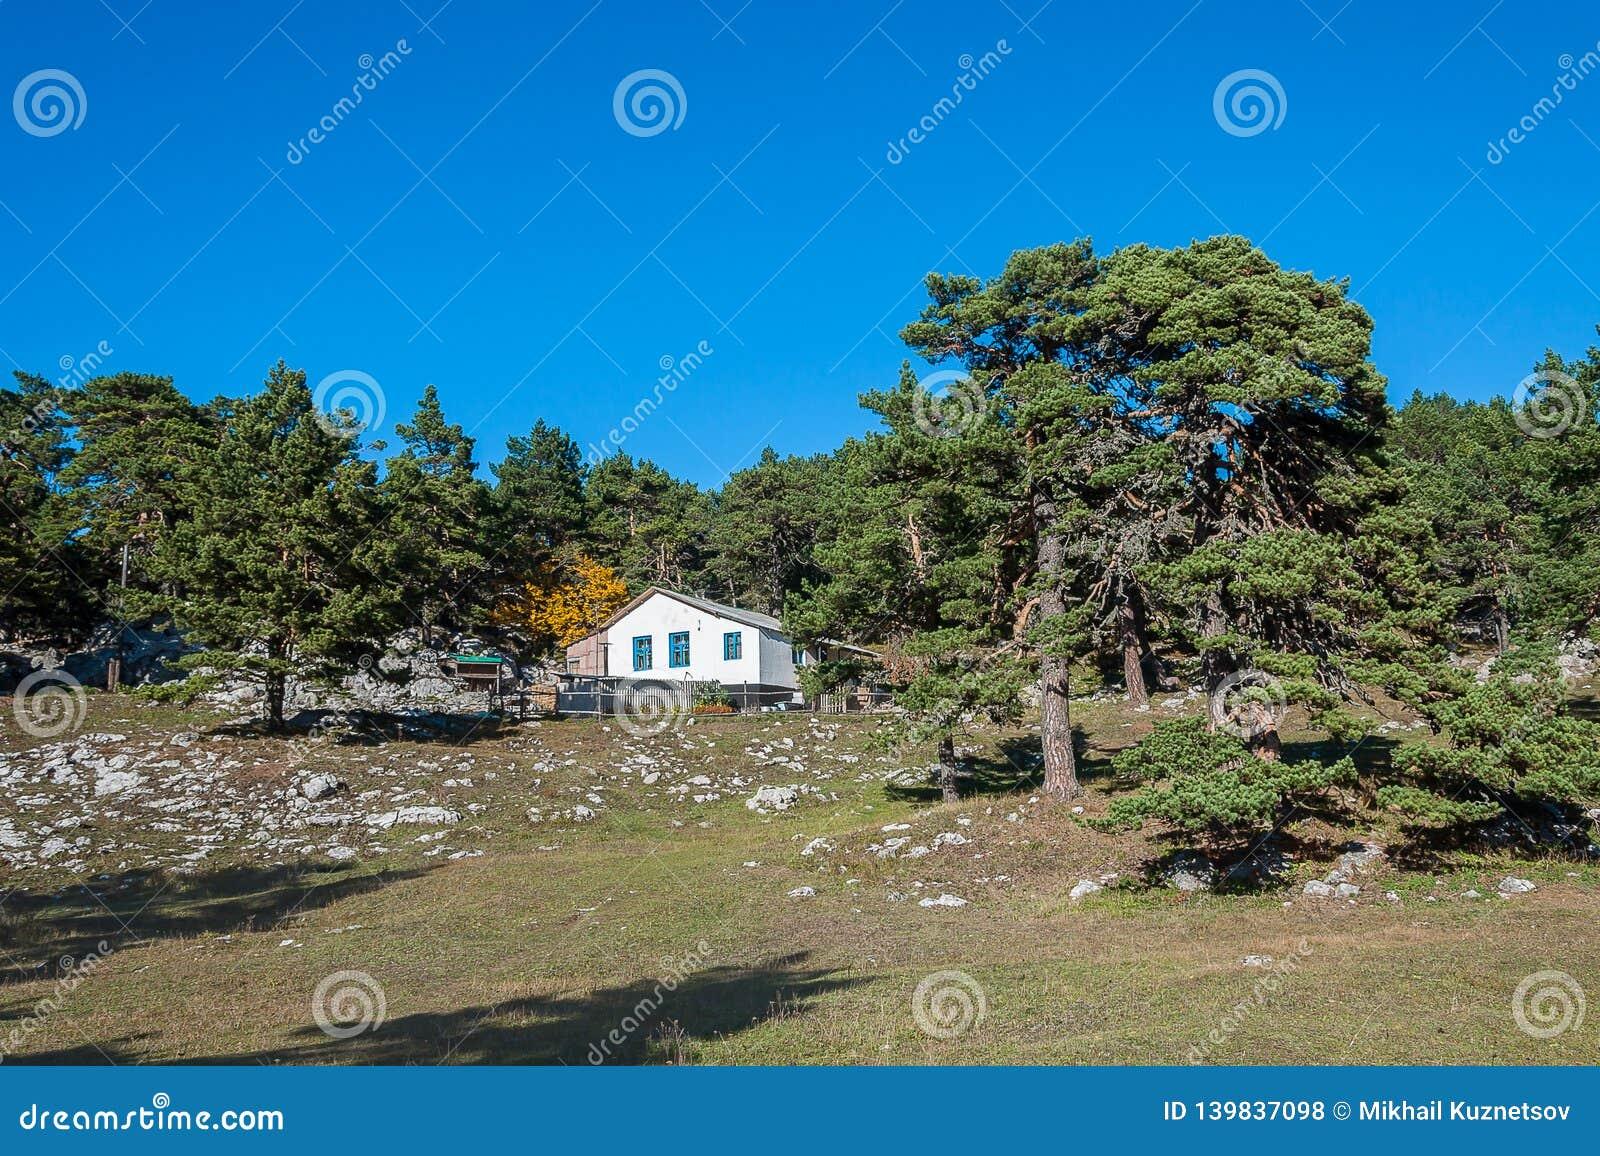 Хижина forester среди деревьев столетия против голубого неба